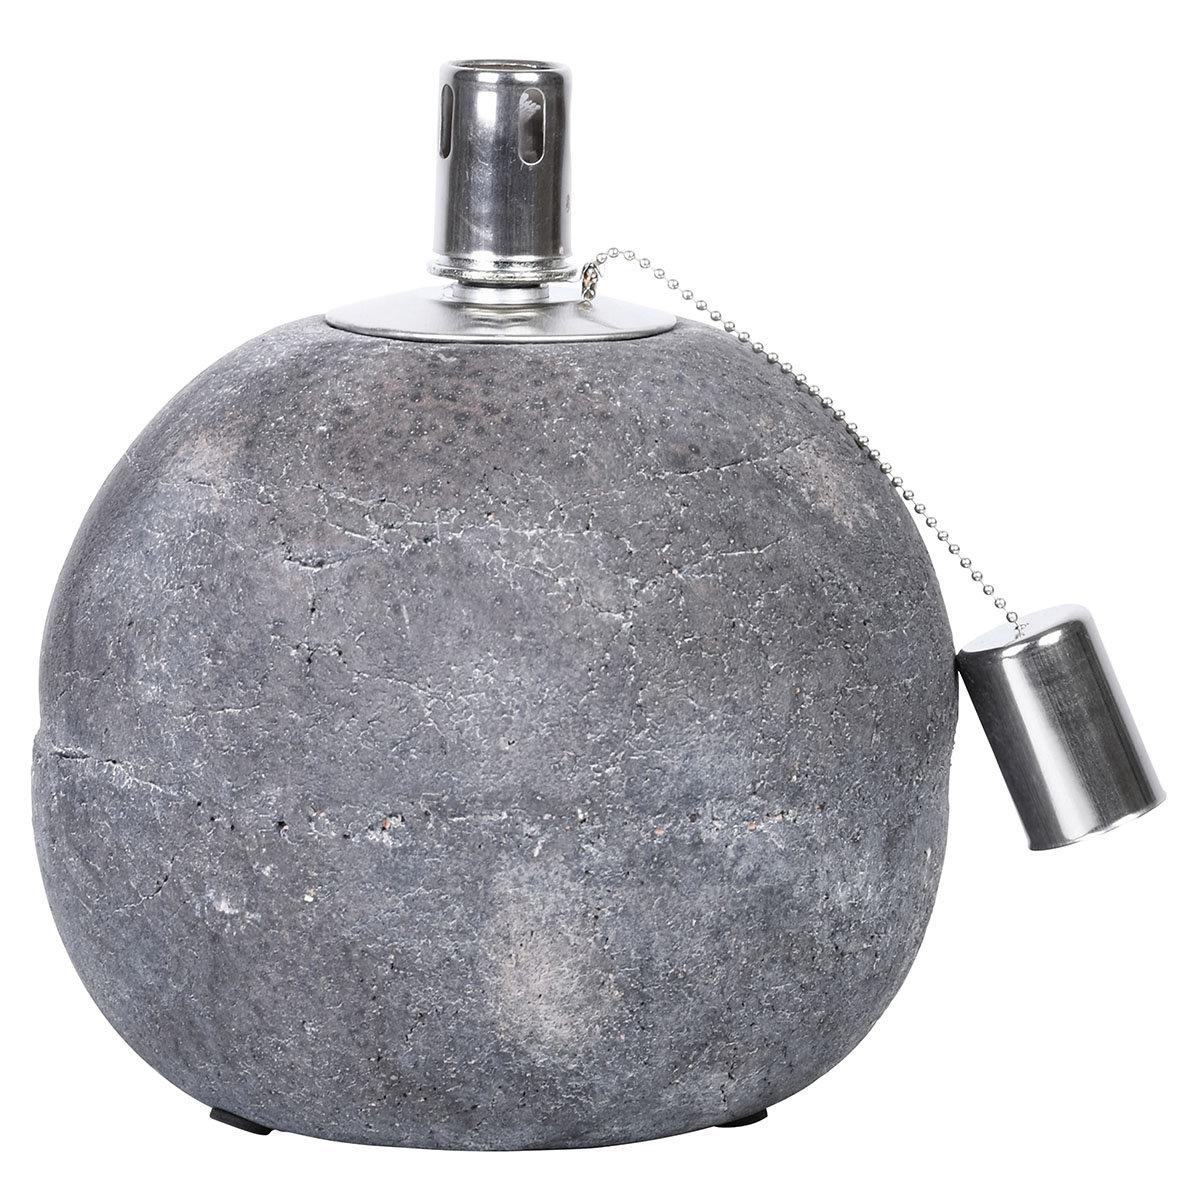 Tischöllampe Stone, 21x18x18 cm, Beton, Edelstahl, grau   #2